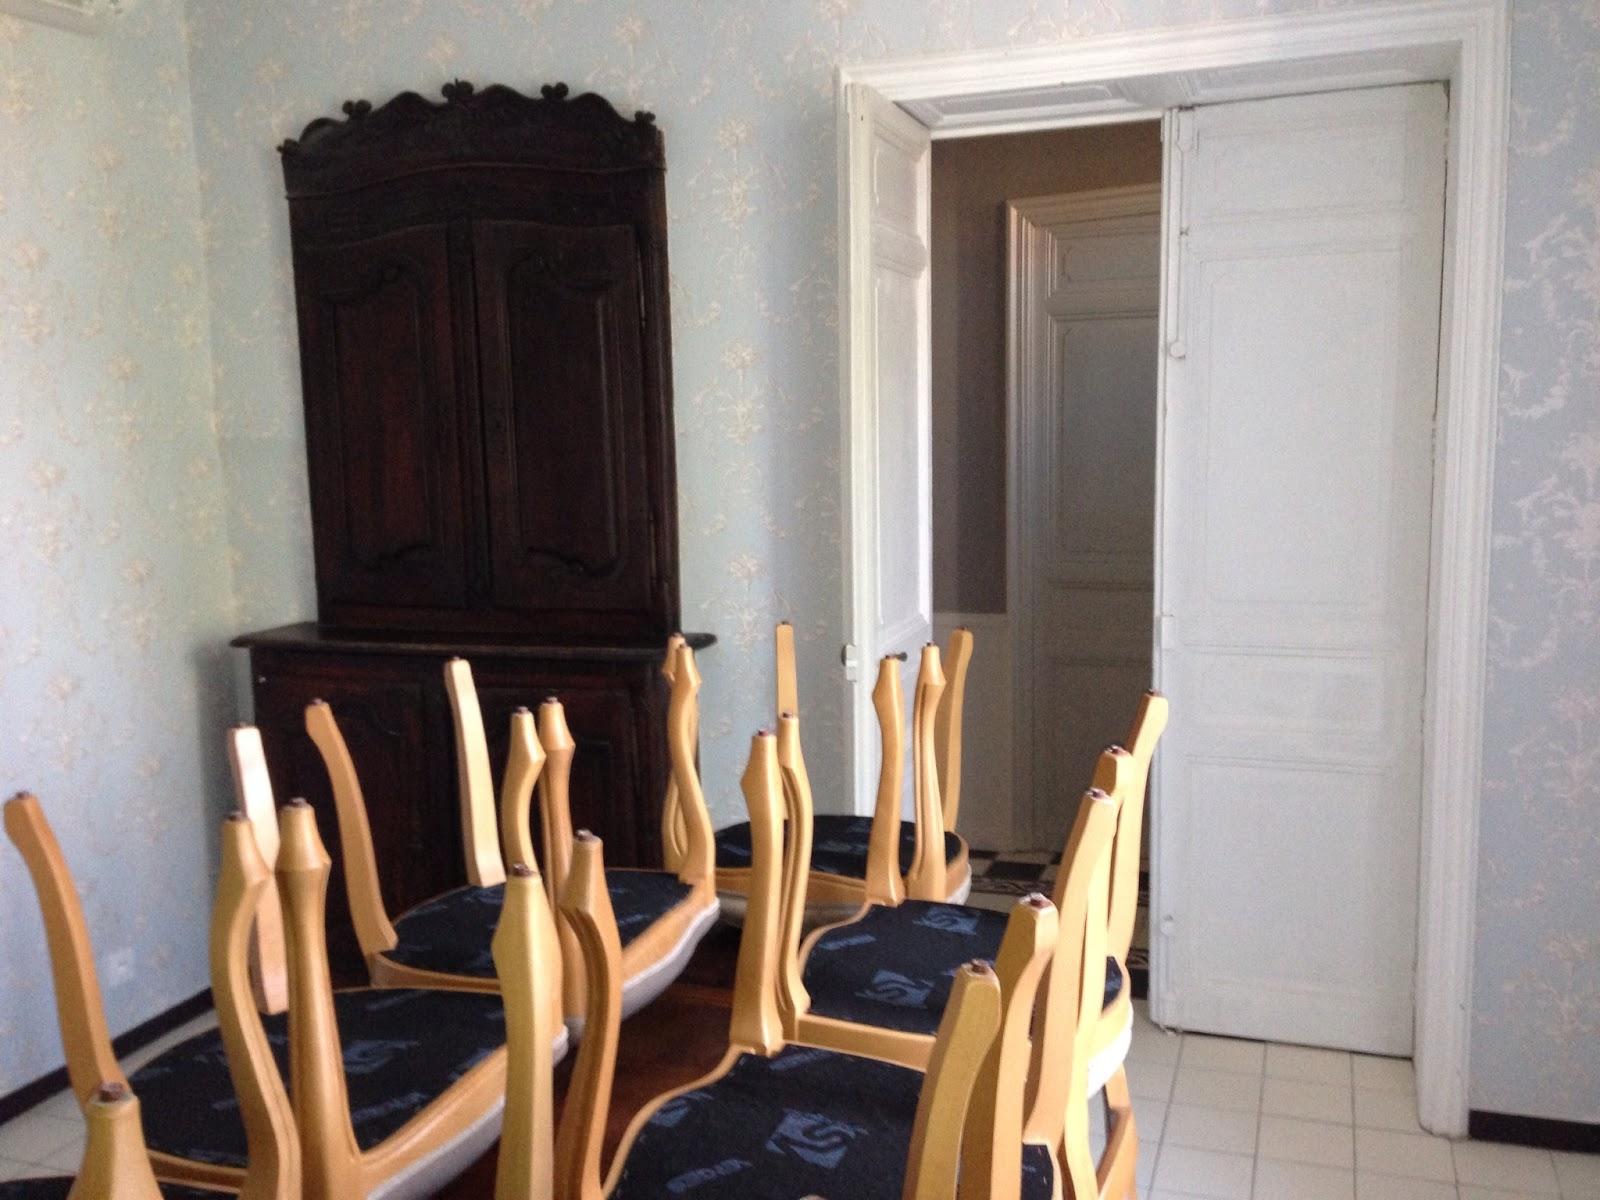 Pr paration des murs et d coration dans une maison de for Deco maison de maitre